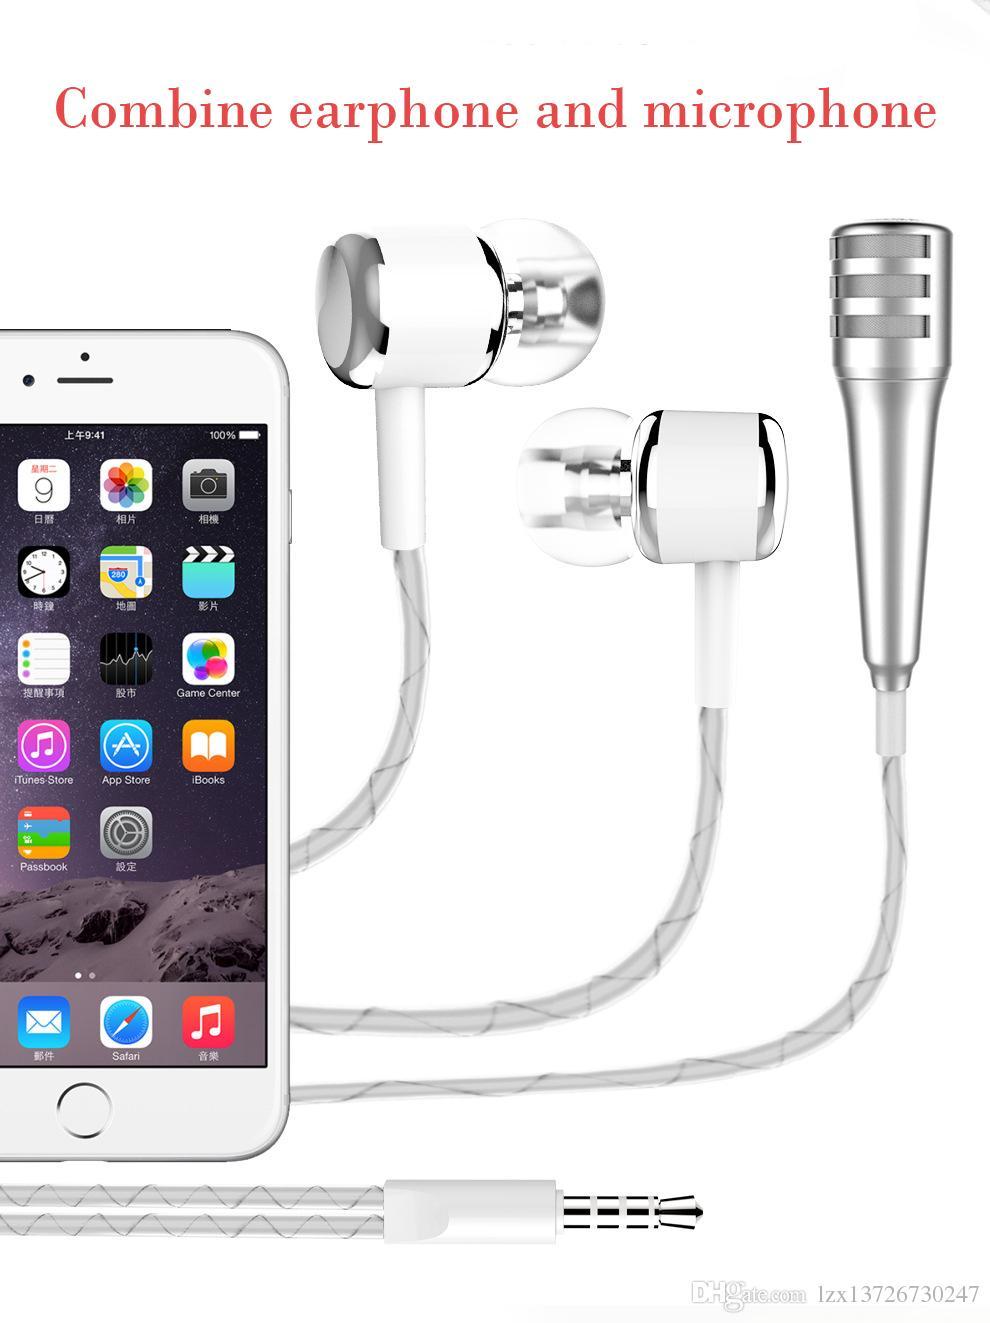 2018 جديد بروتابلي البسيطة K أغنية ميكروفون مع 3.5mm سماعة أذن الهاتف المحمول الكمبيوتر KTV الكاريوكي ميكروفون مع حزمة